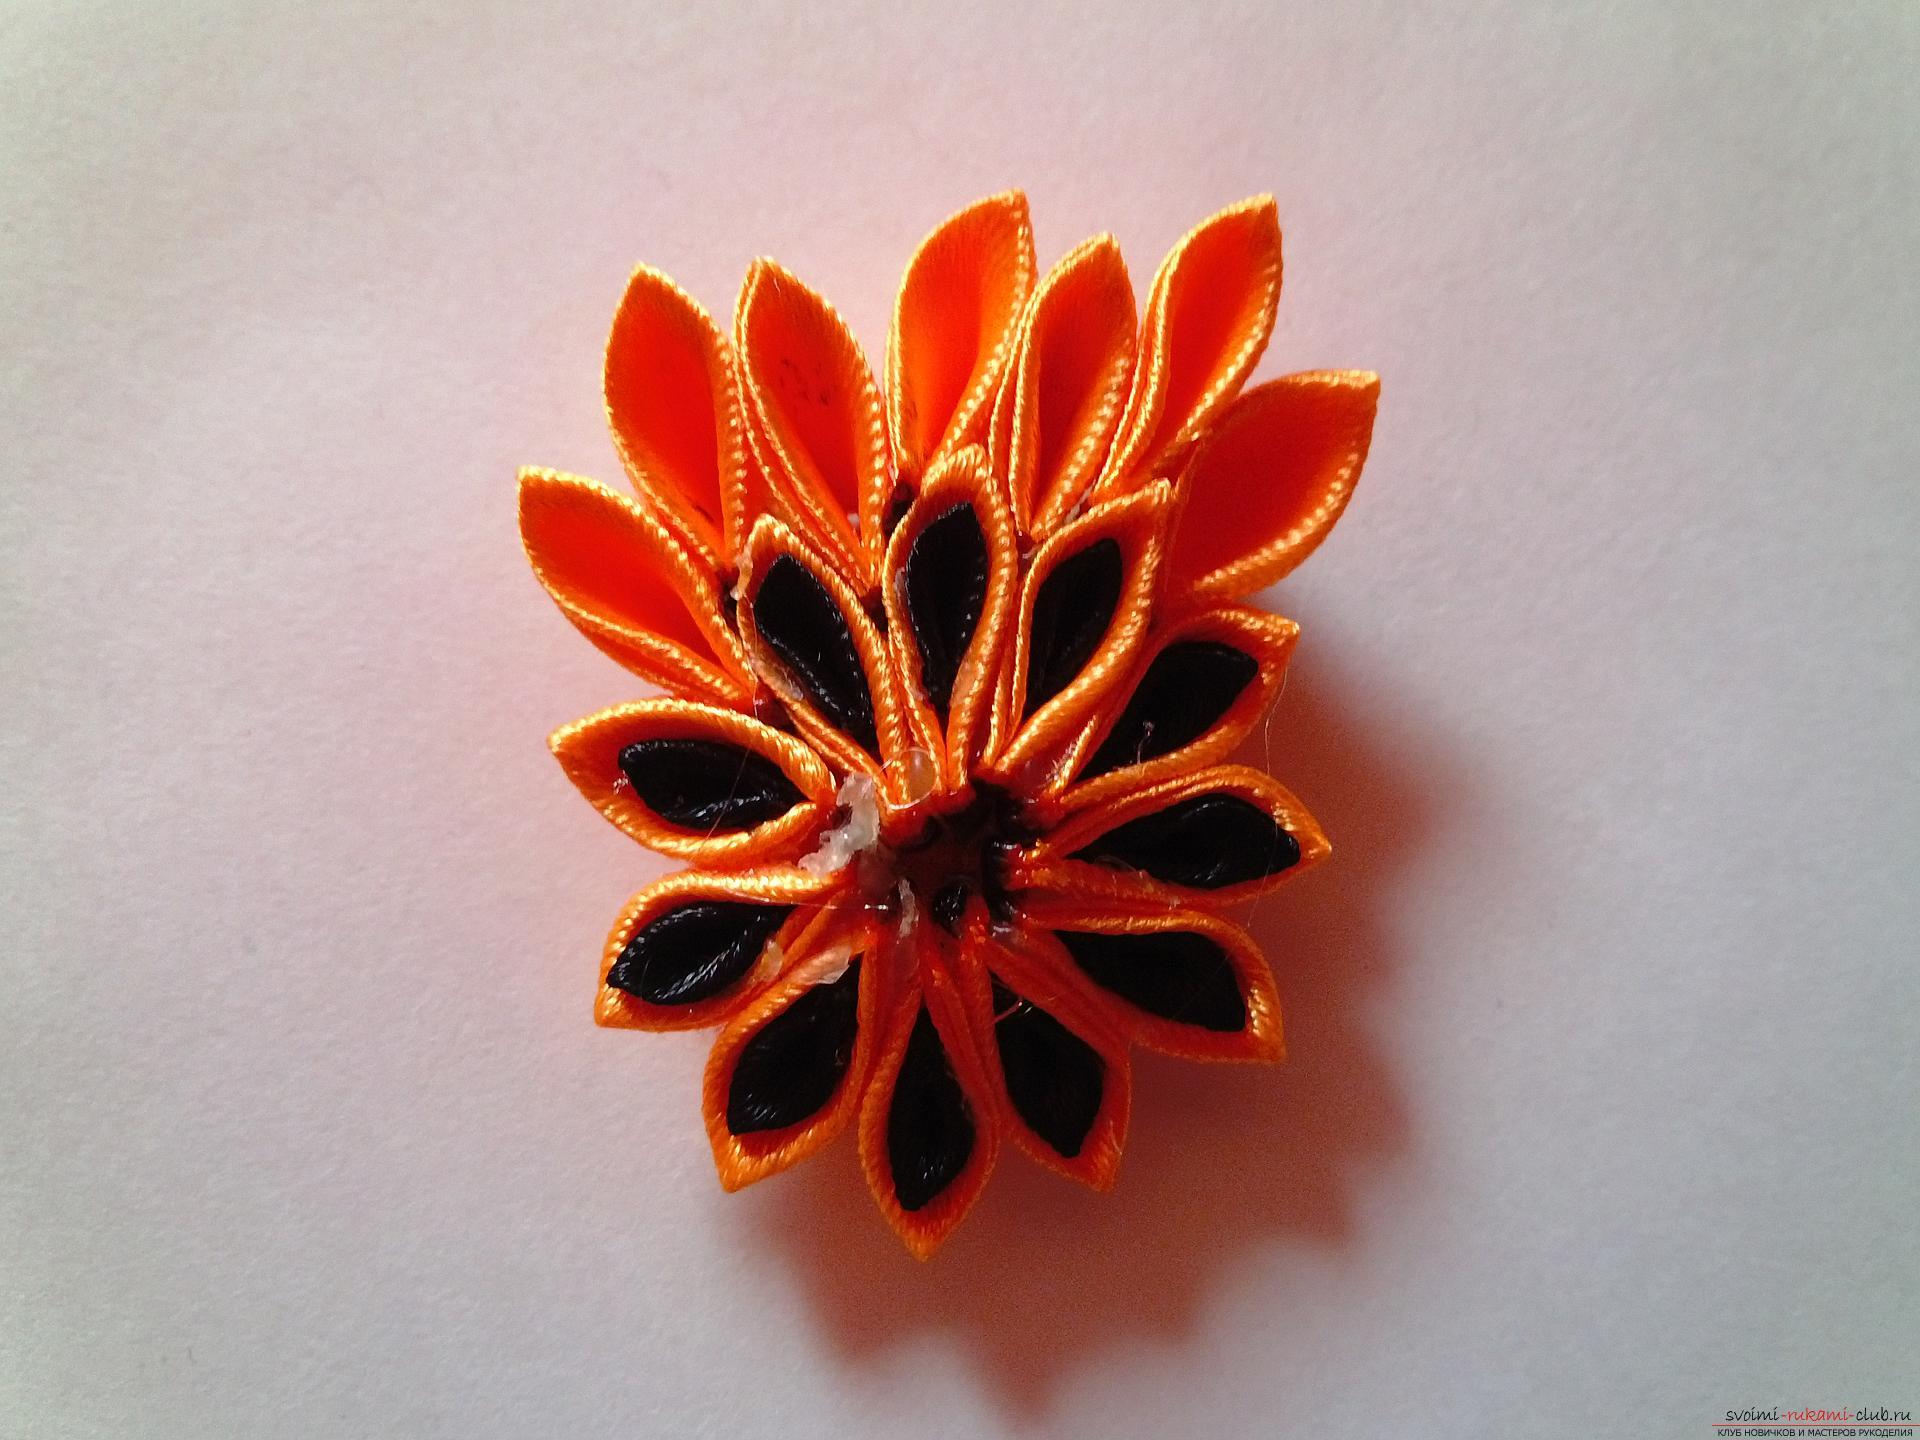 Этот мастер-класс научит как сделать брошь из георгиевской ленты, оригинально украсят которую цветы канзаши.. Фото №12